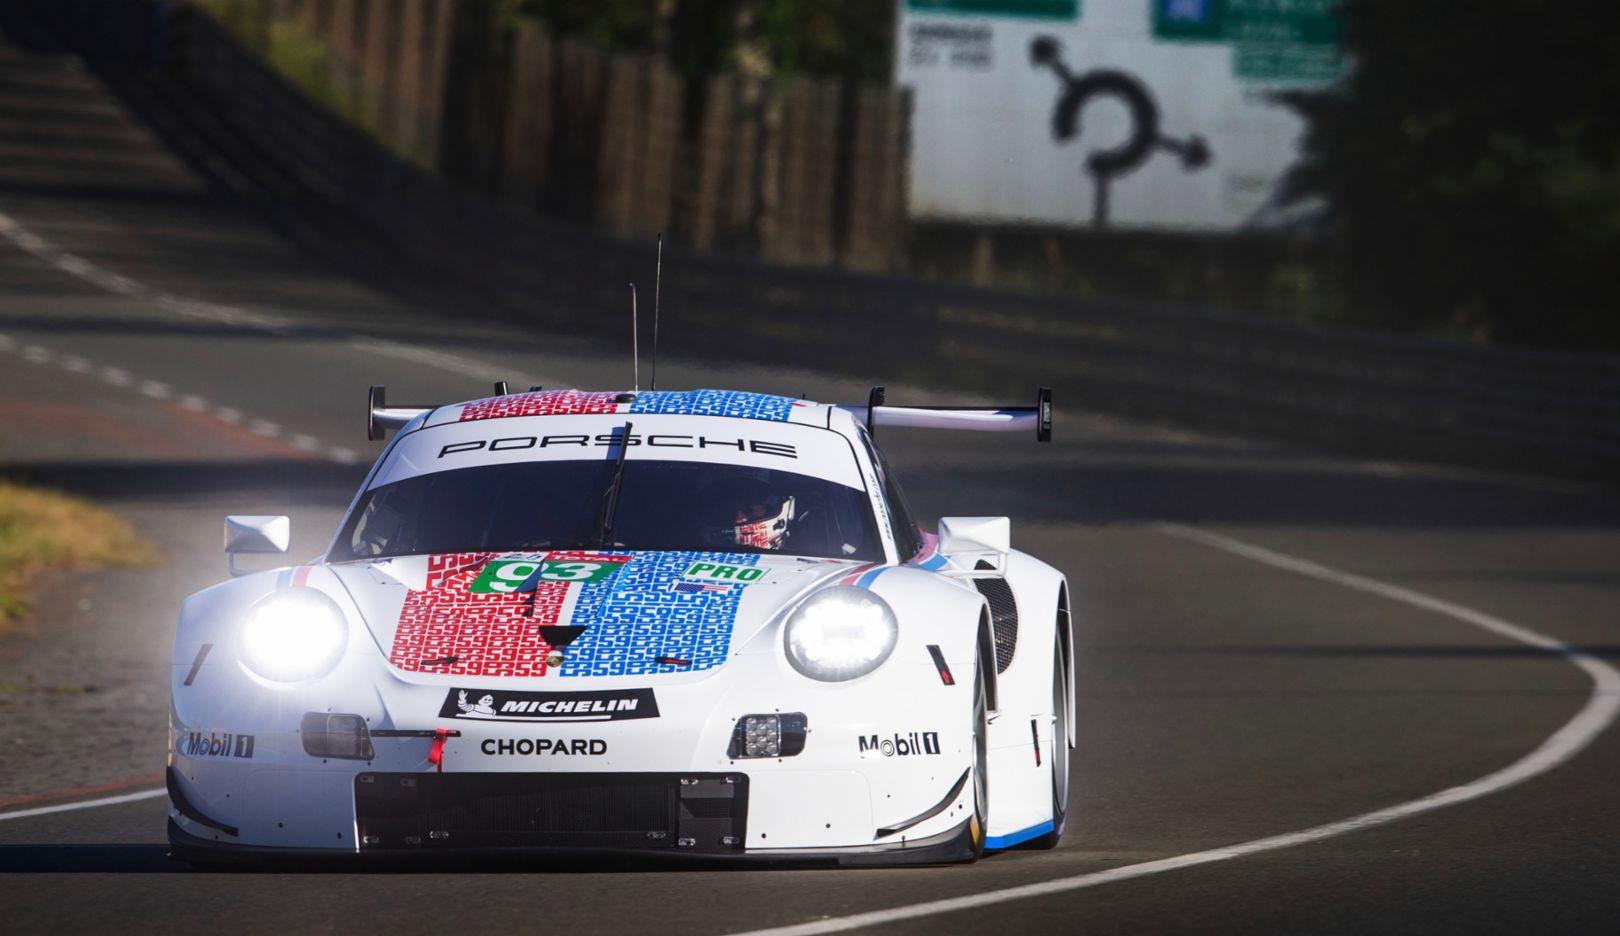 911 RSR, Porsche GT Team (93), Vortests zu den 24 Stunden von Le Mans, 2019, Porsche AG